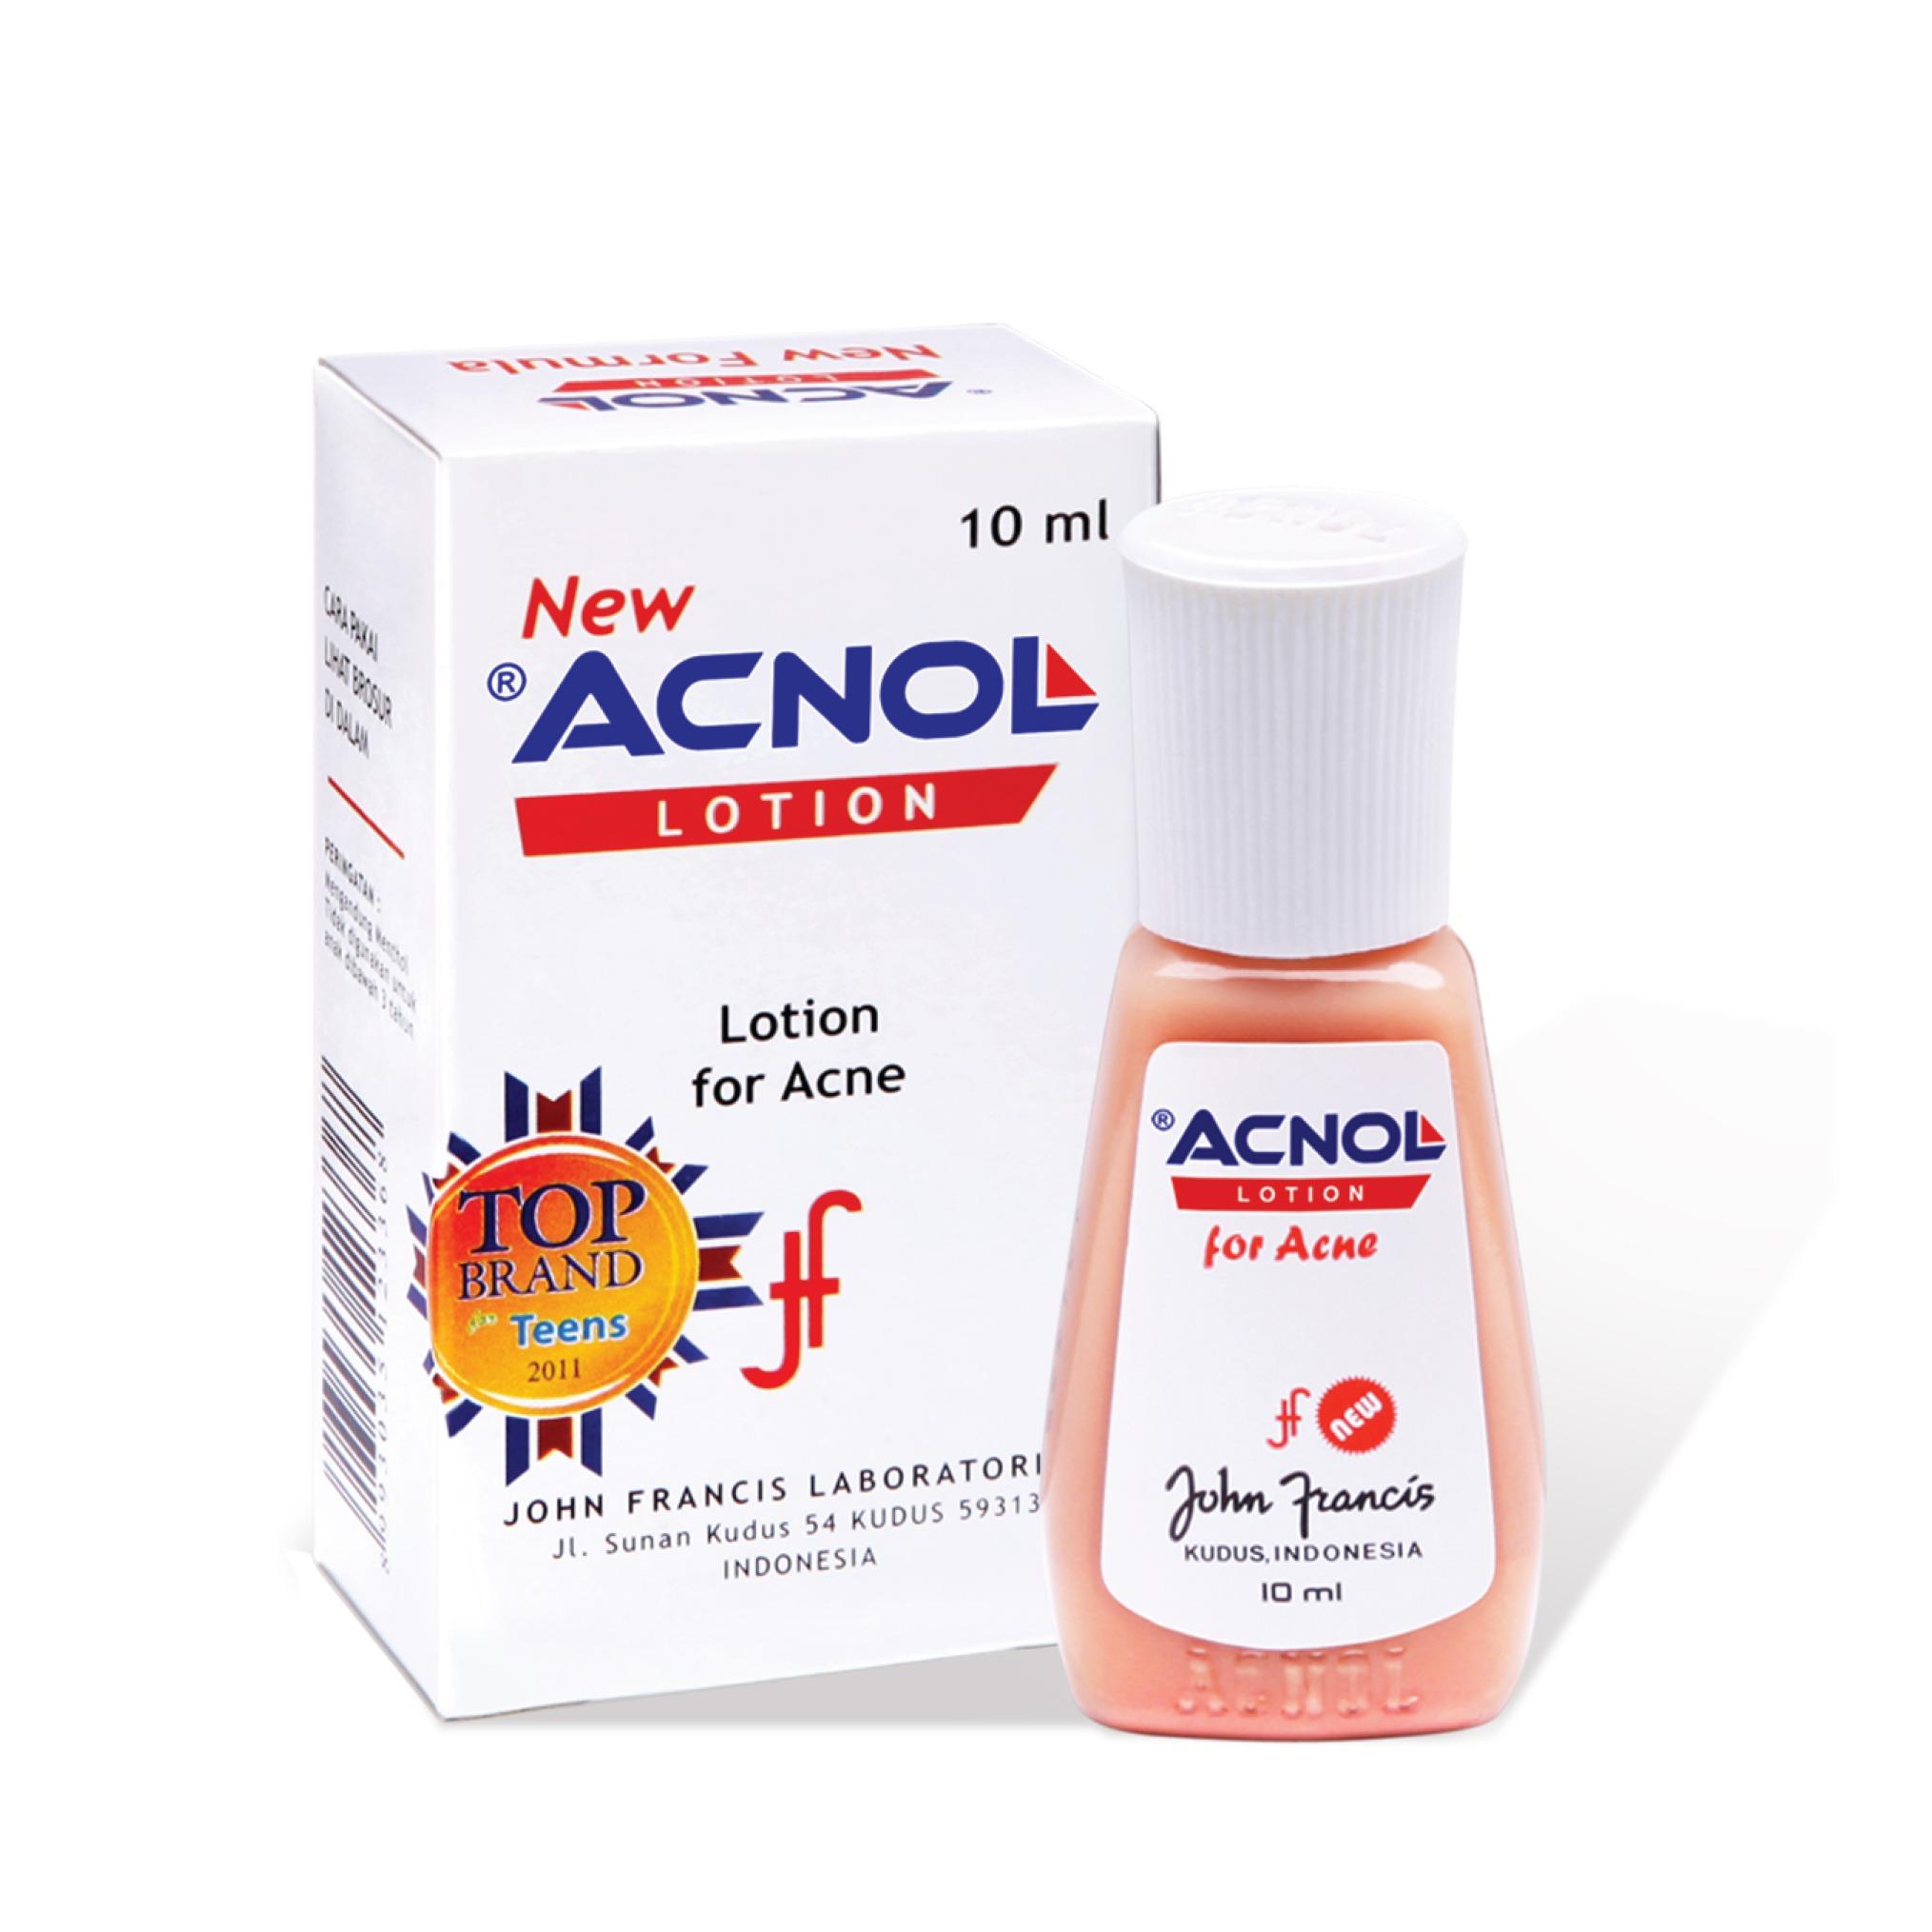 Acnol Acnol lotion